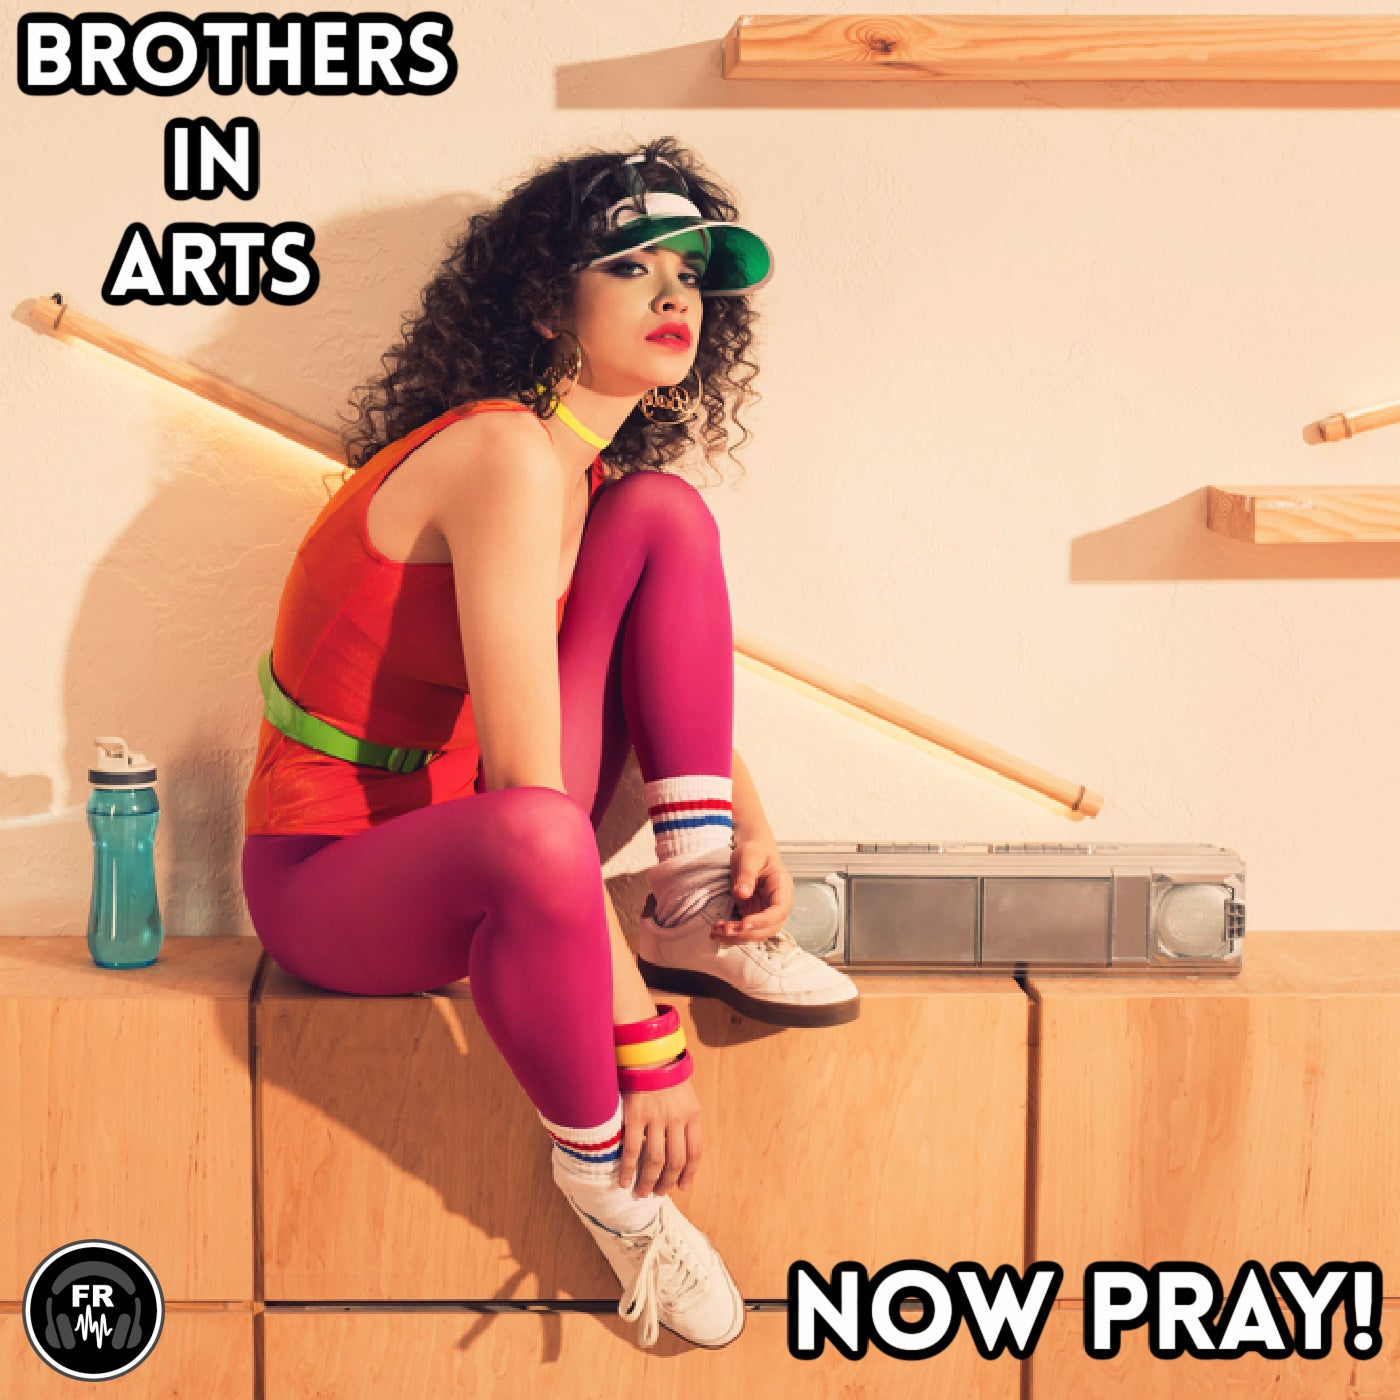 Now Pray! (Original Mix)